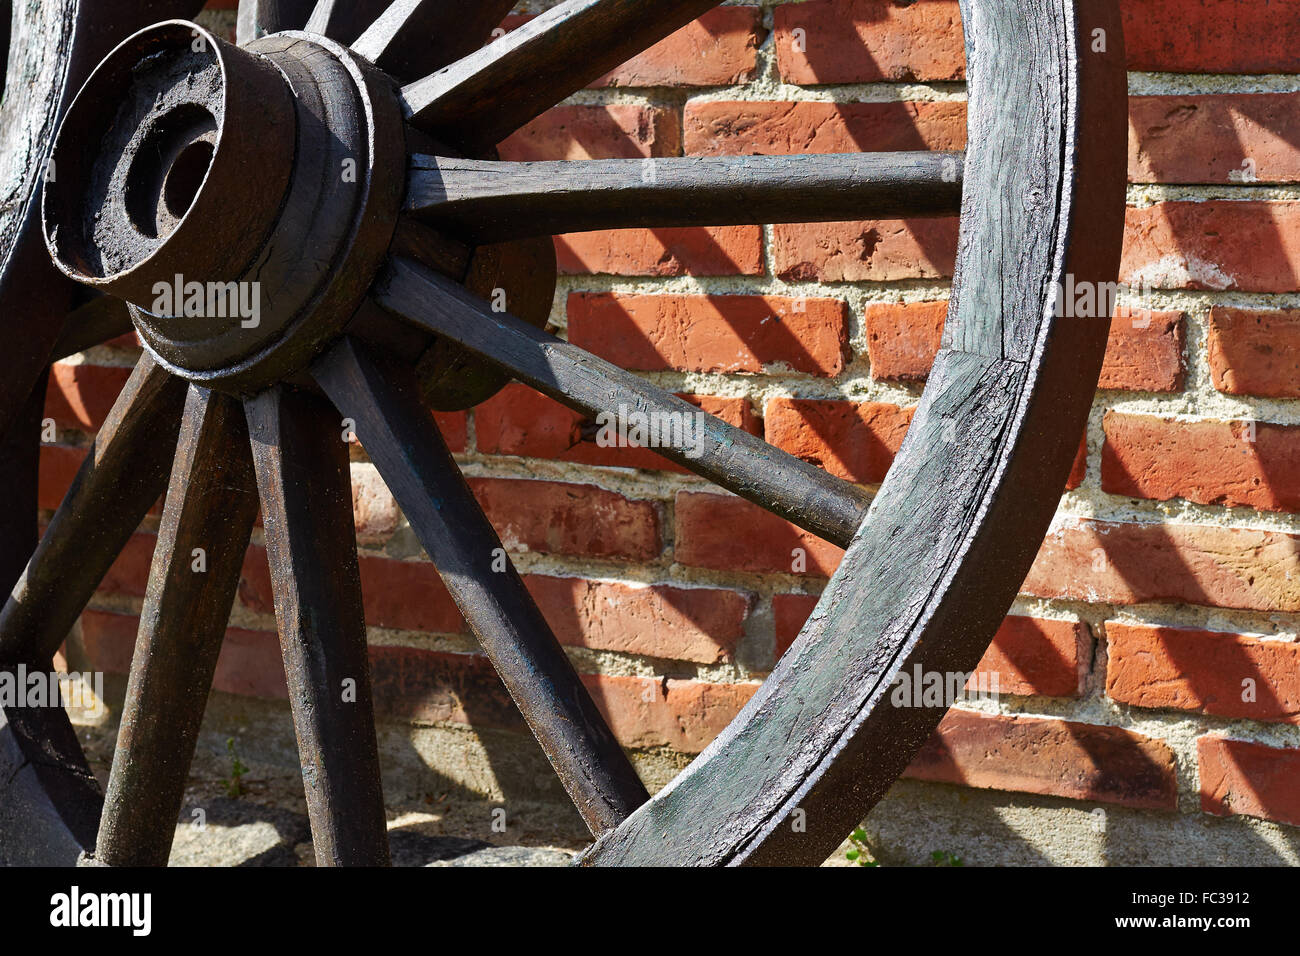 Old Wooden Cartwheel - Stock Image